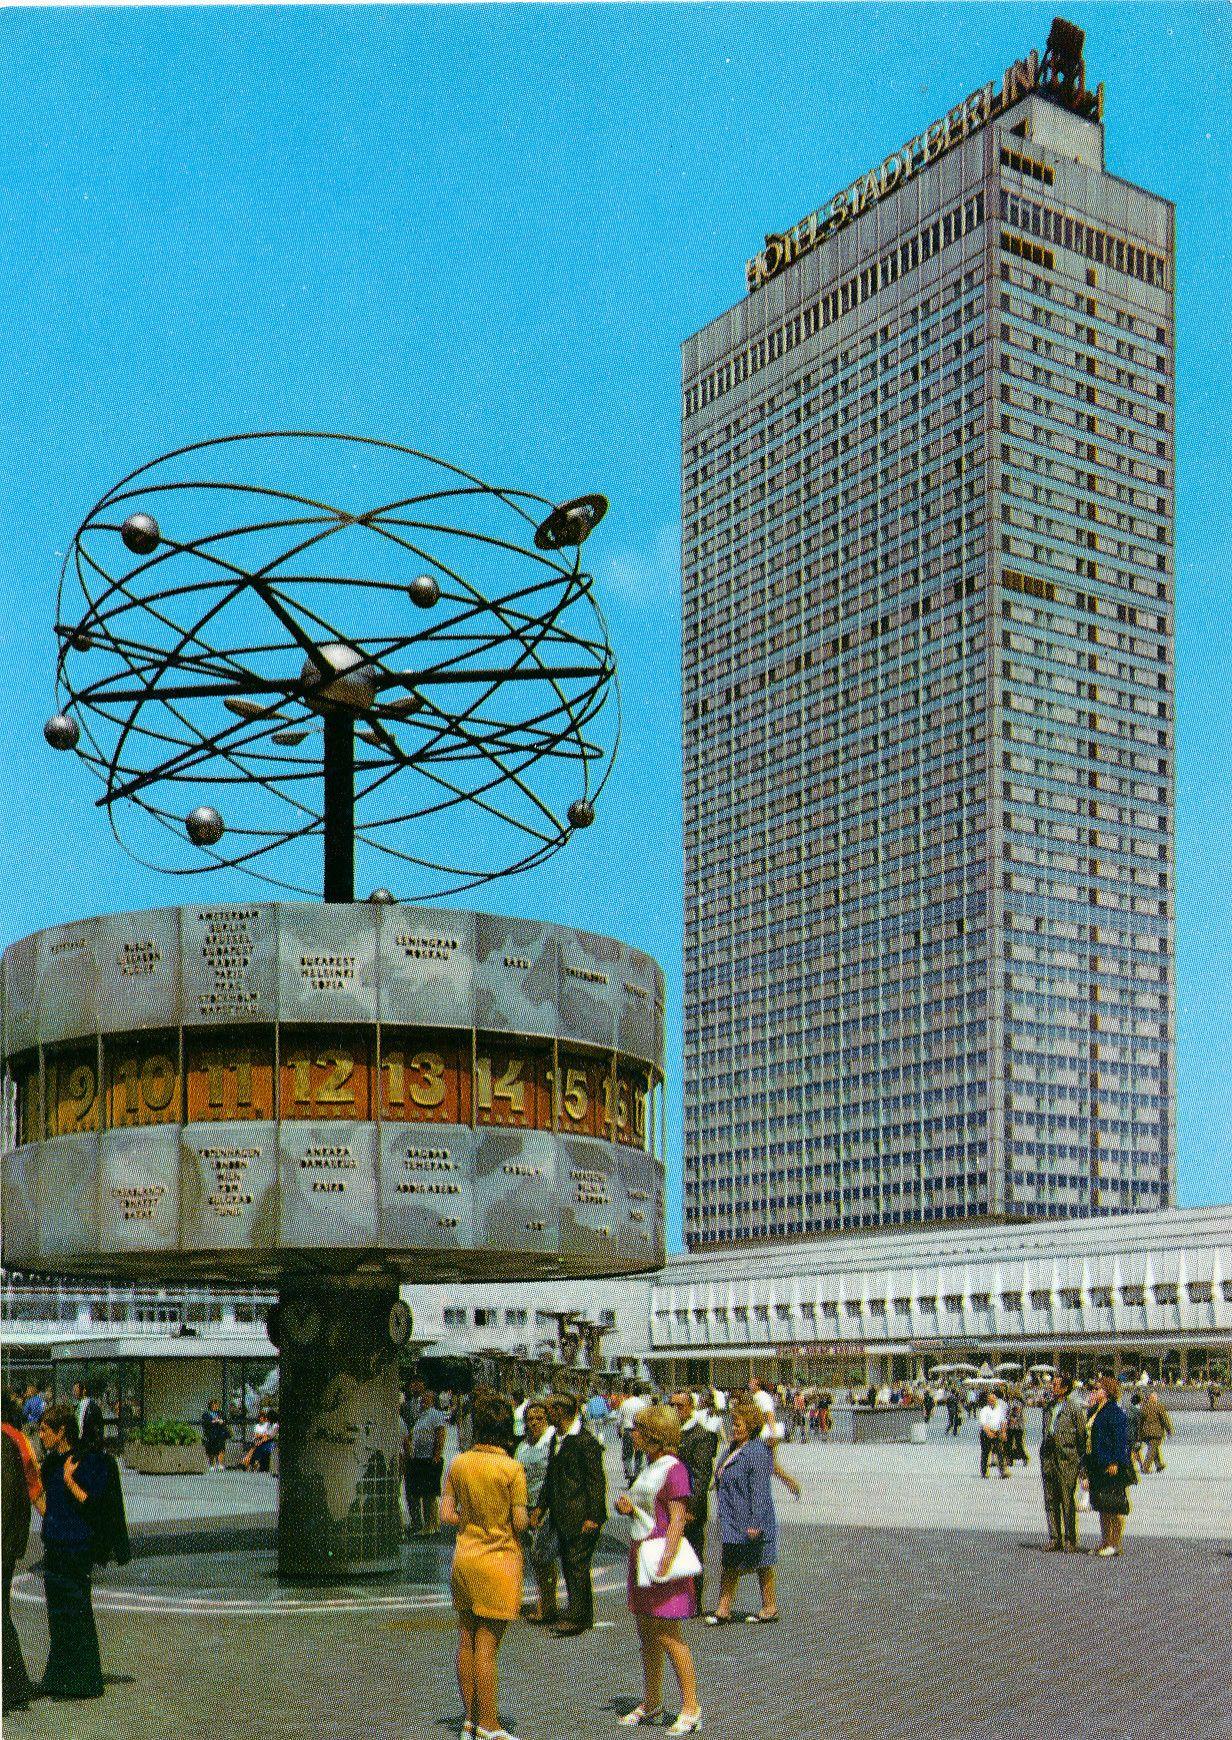 Postkarte Berlin Hauptstadt Der Ddr Alexanderplatz Mit Darstellung Der Weltzeituhr Und Des Hotels Stadt In 2020 Ddr Museum Berlin Alexanderplatz Berlin Hauptstadt